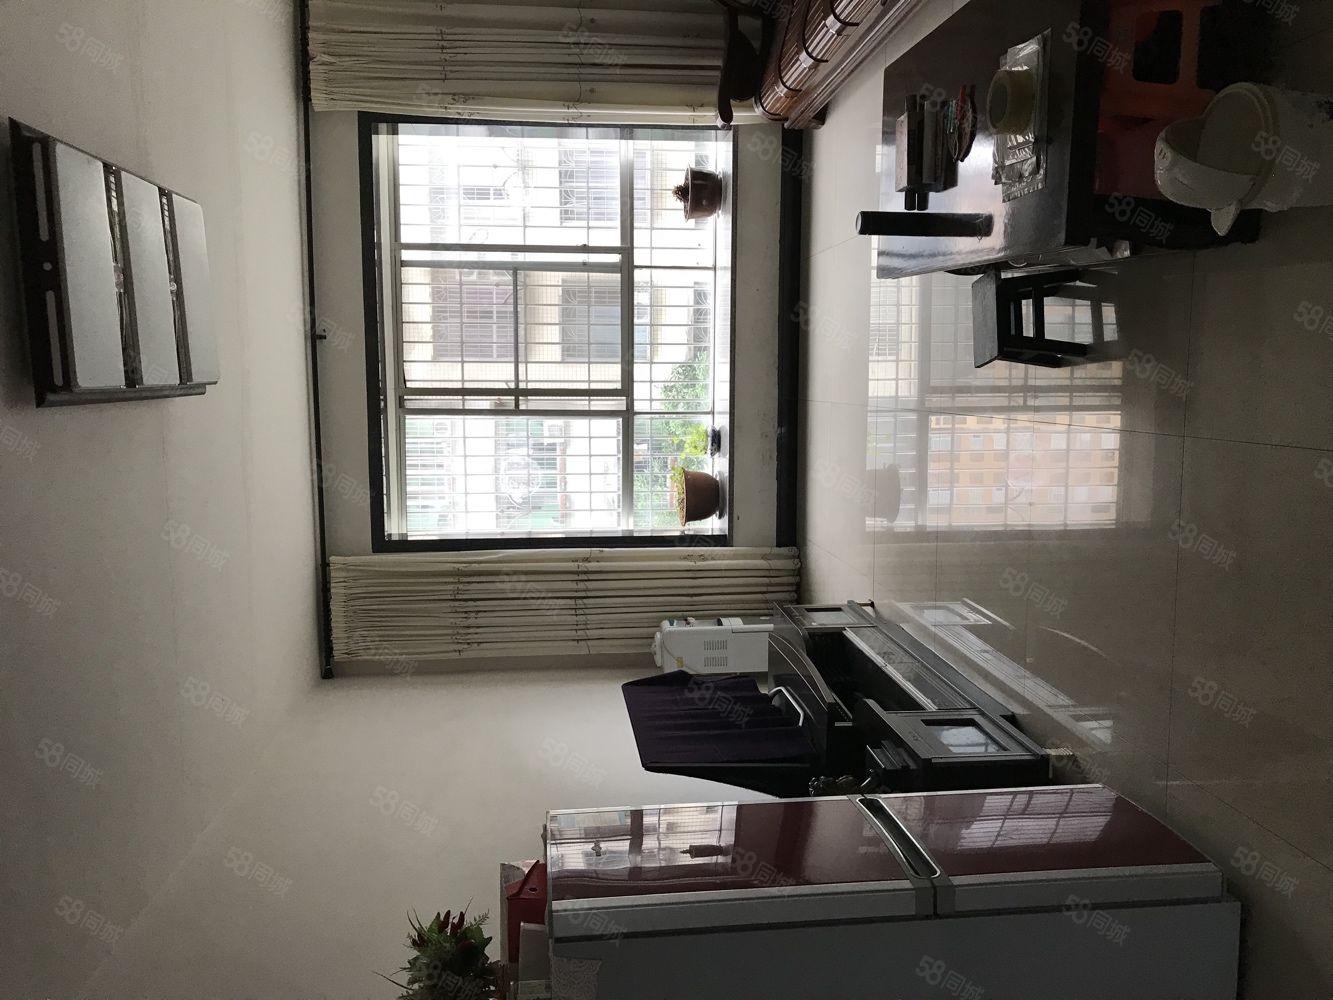 泸县彩虹桥周边,中装大三房仅售43.8万!